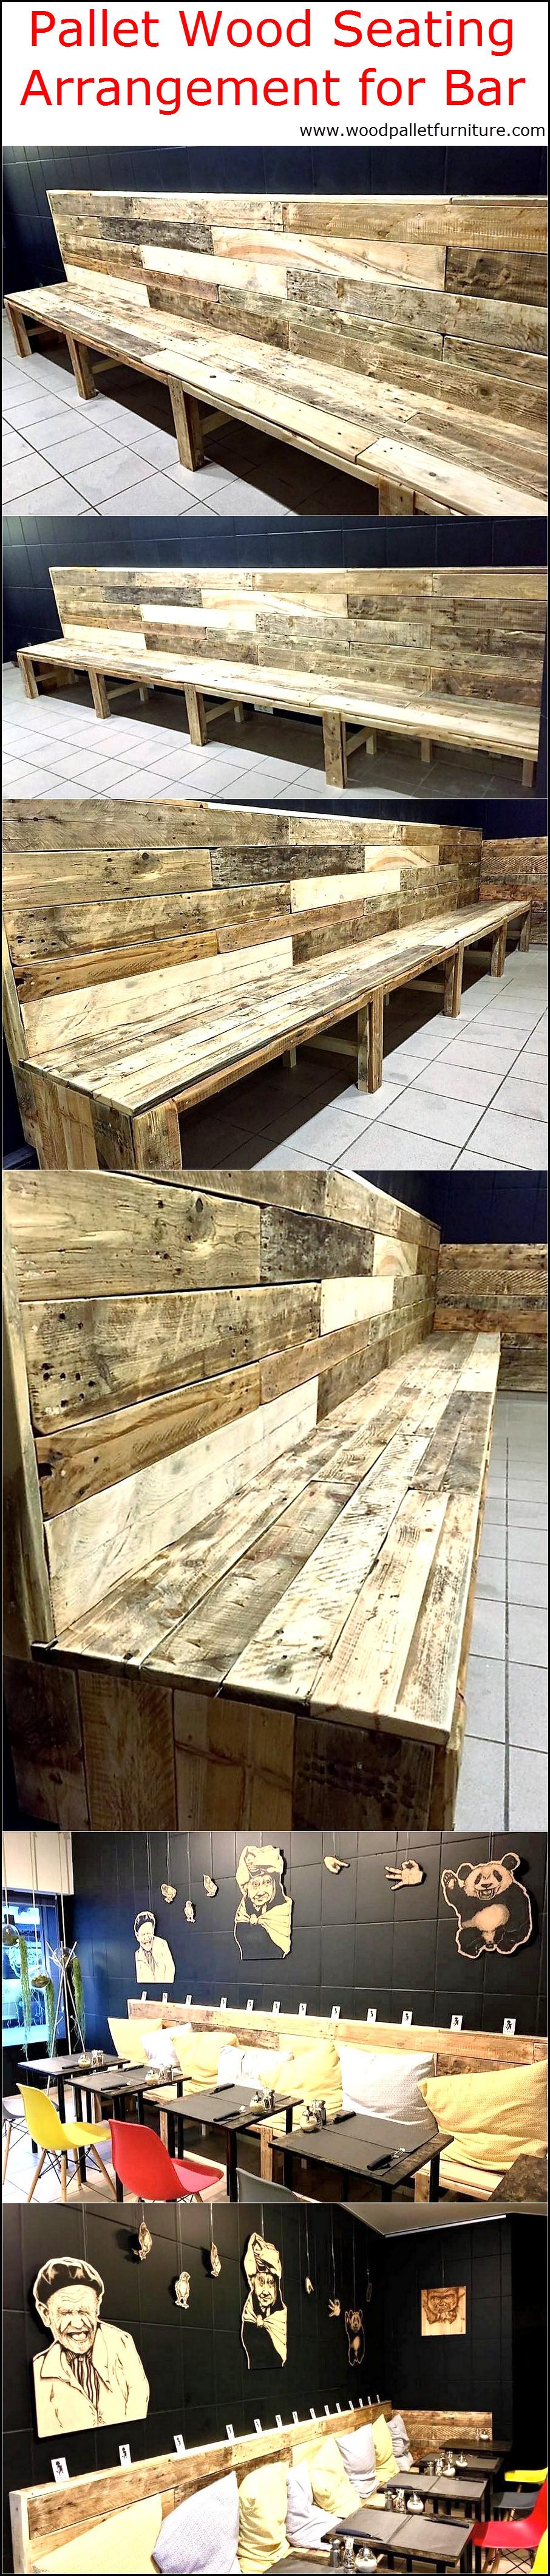 pallet-wood-seating-arrangement-for-bar